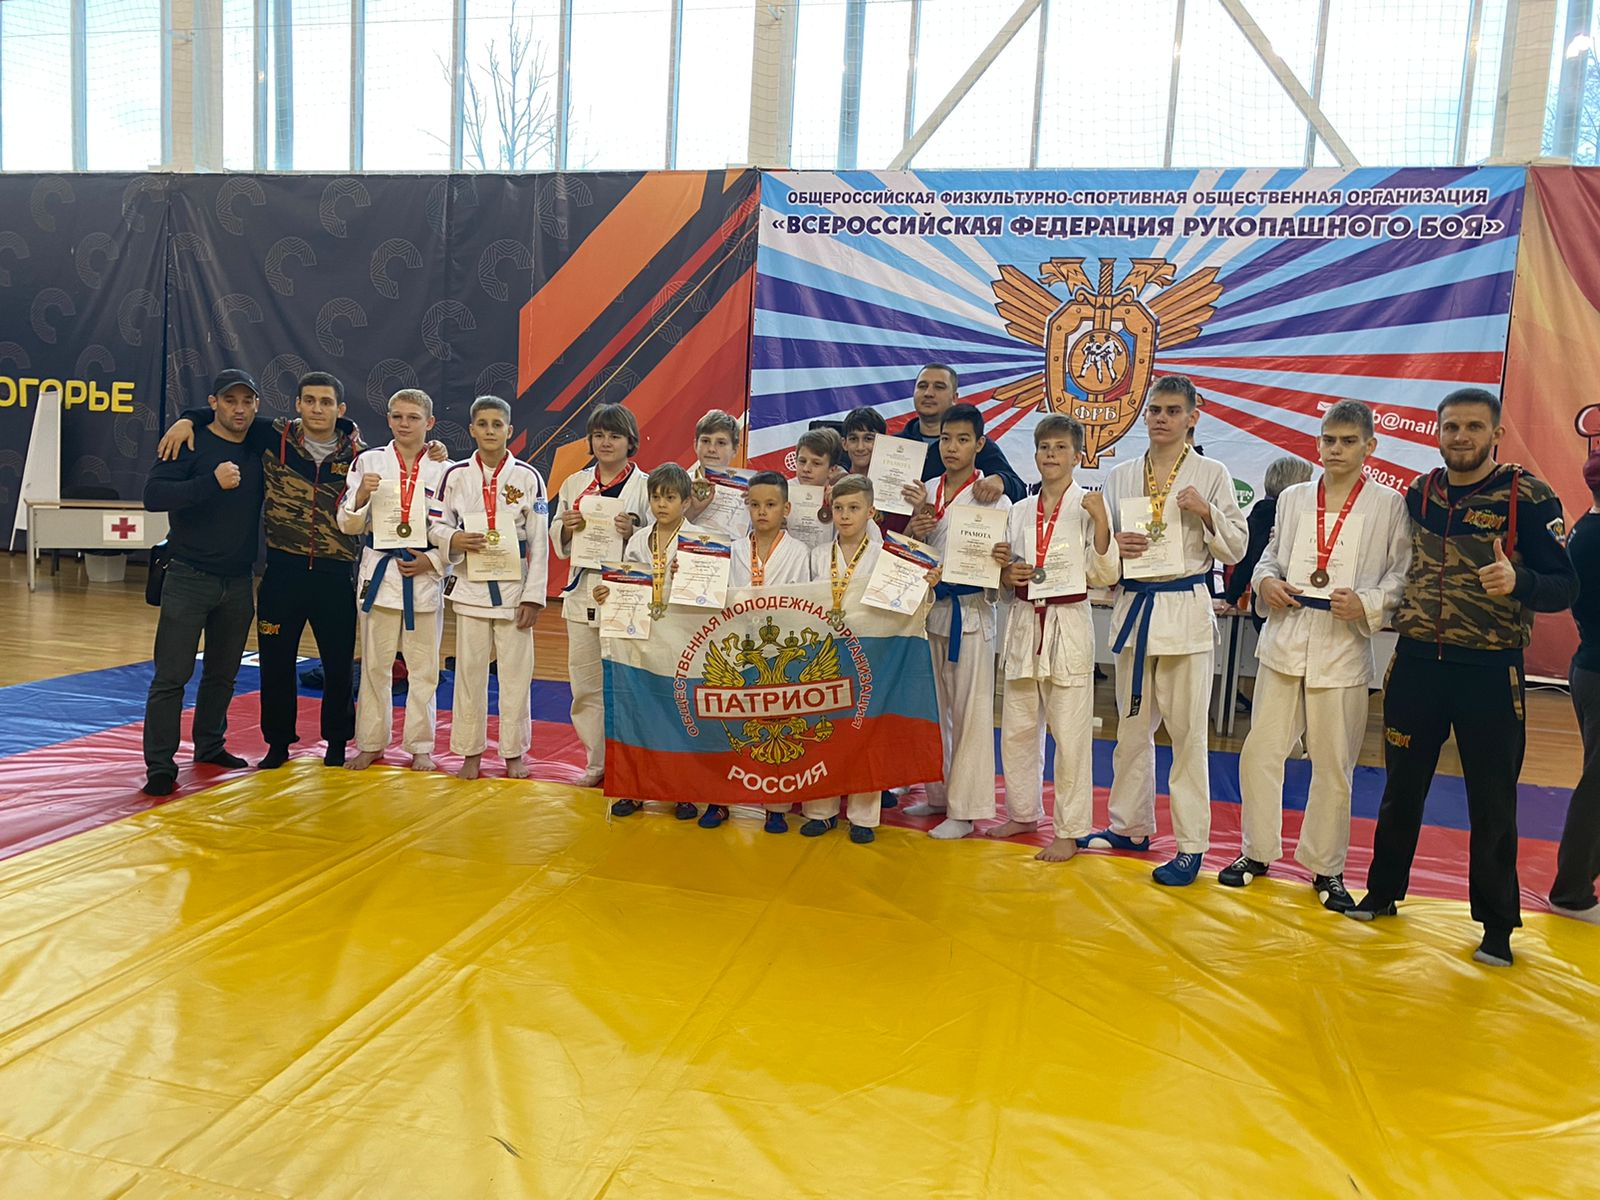 Первенство Московской области по рукопашному бою среди детей, юношей,девушек и юниоров от 7 до 21 года.